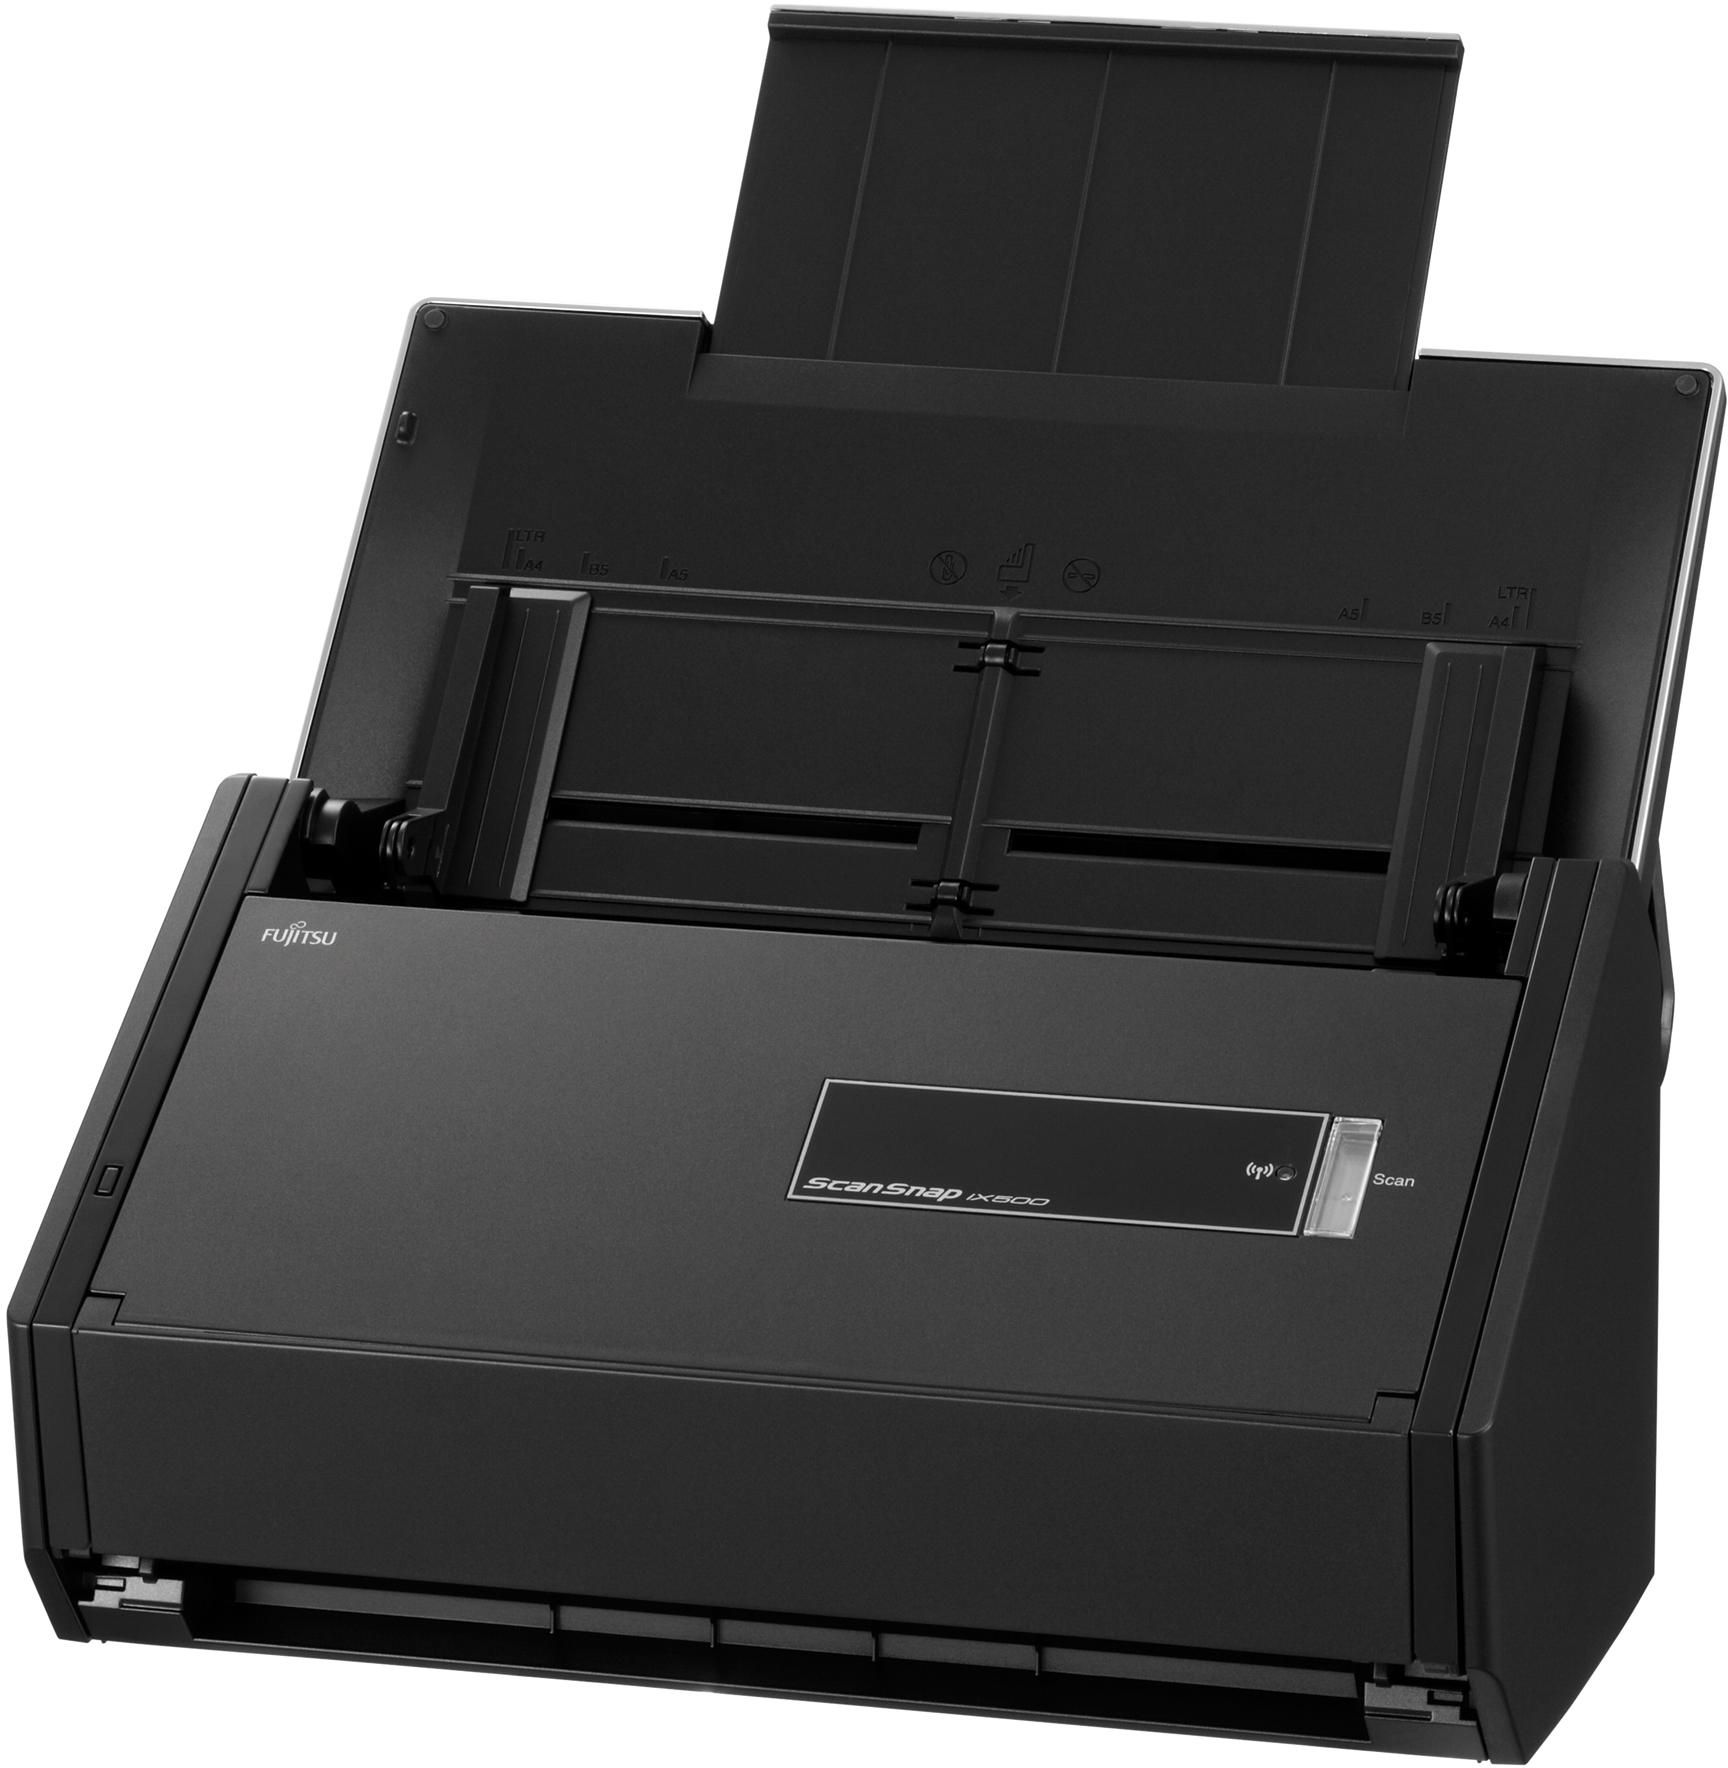 Fujitsu ScanSnap iX500 Deluxe Bundle - CopyFaxes